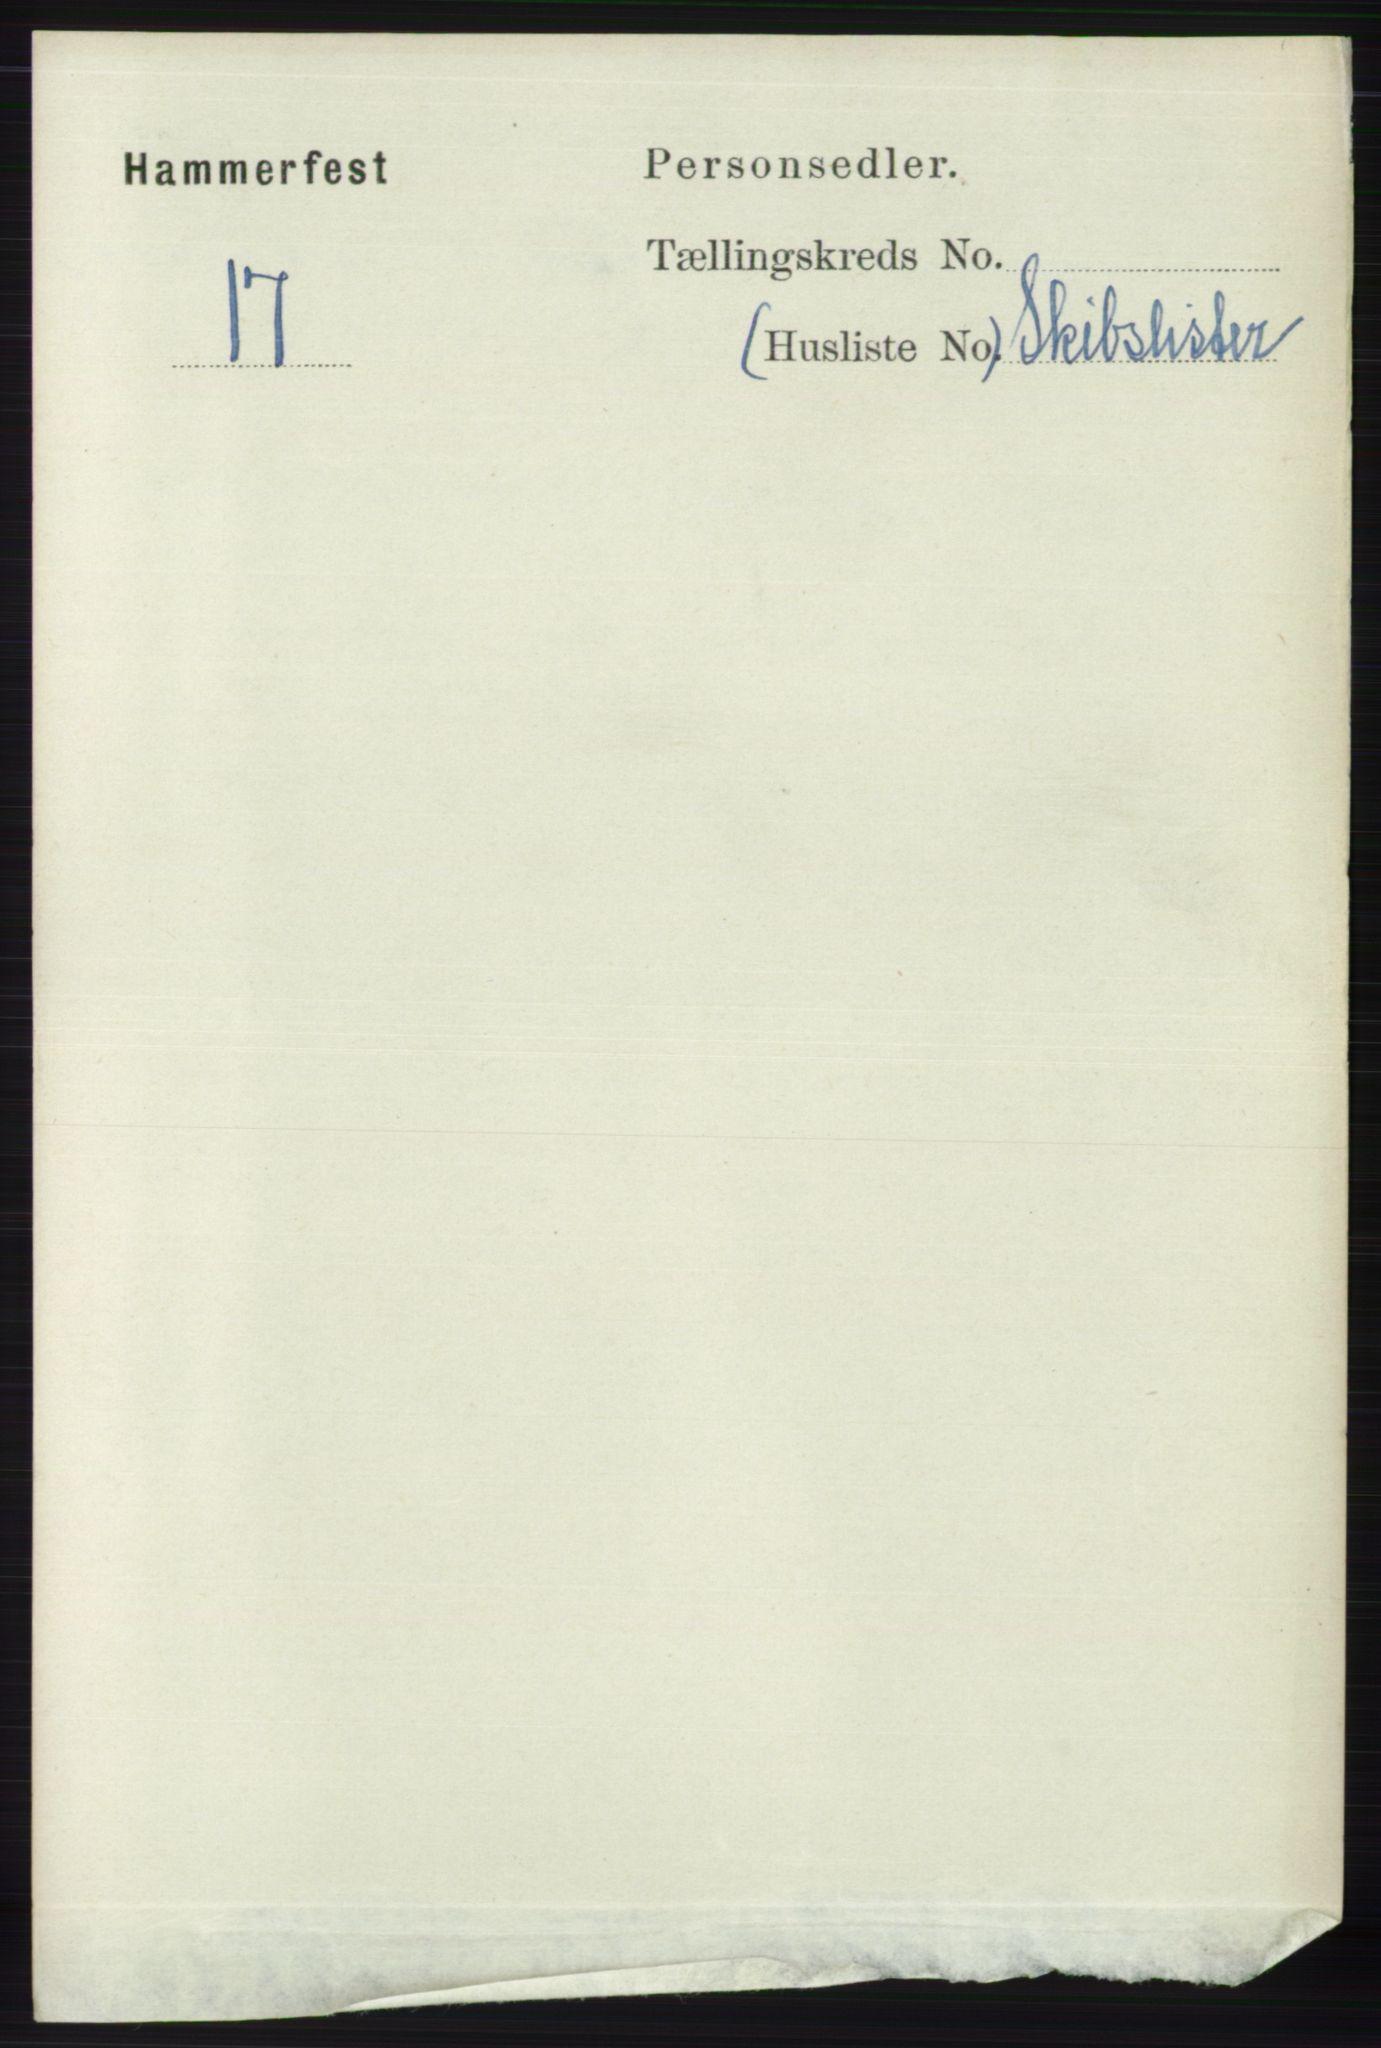 RA, Folketelling 1891 for 2001 Hammerfest kjøpstad, 1891, s. 2778